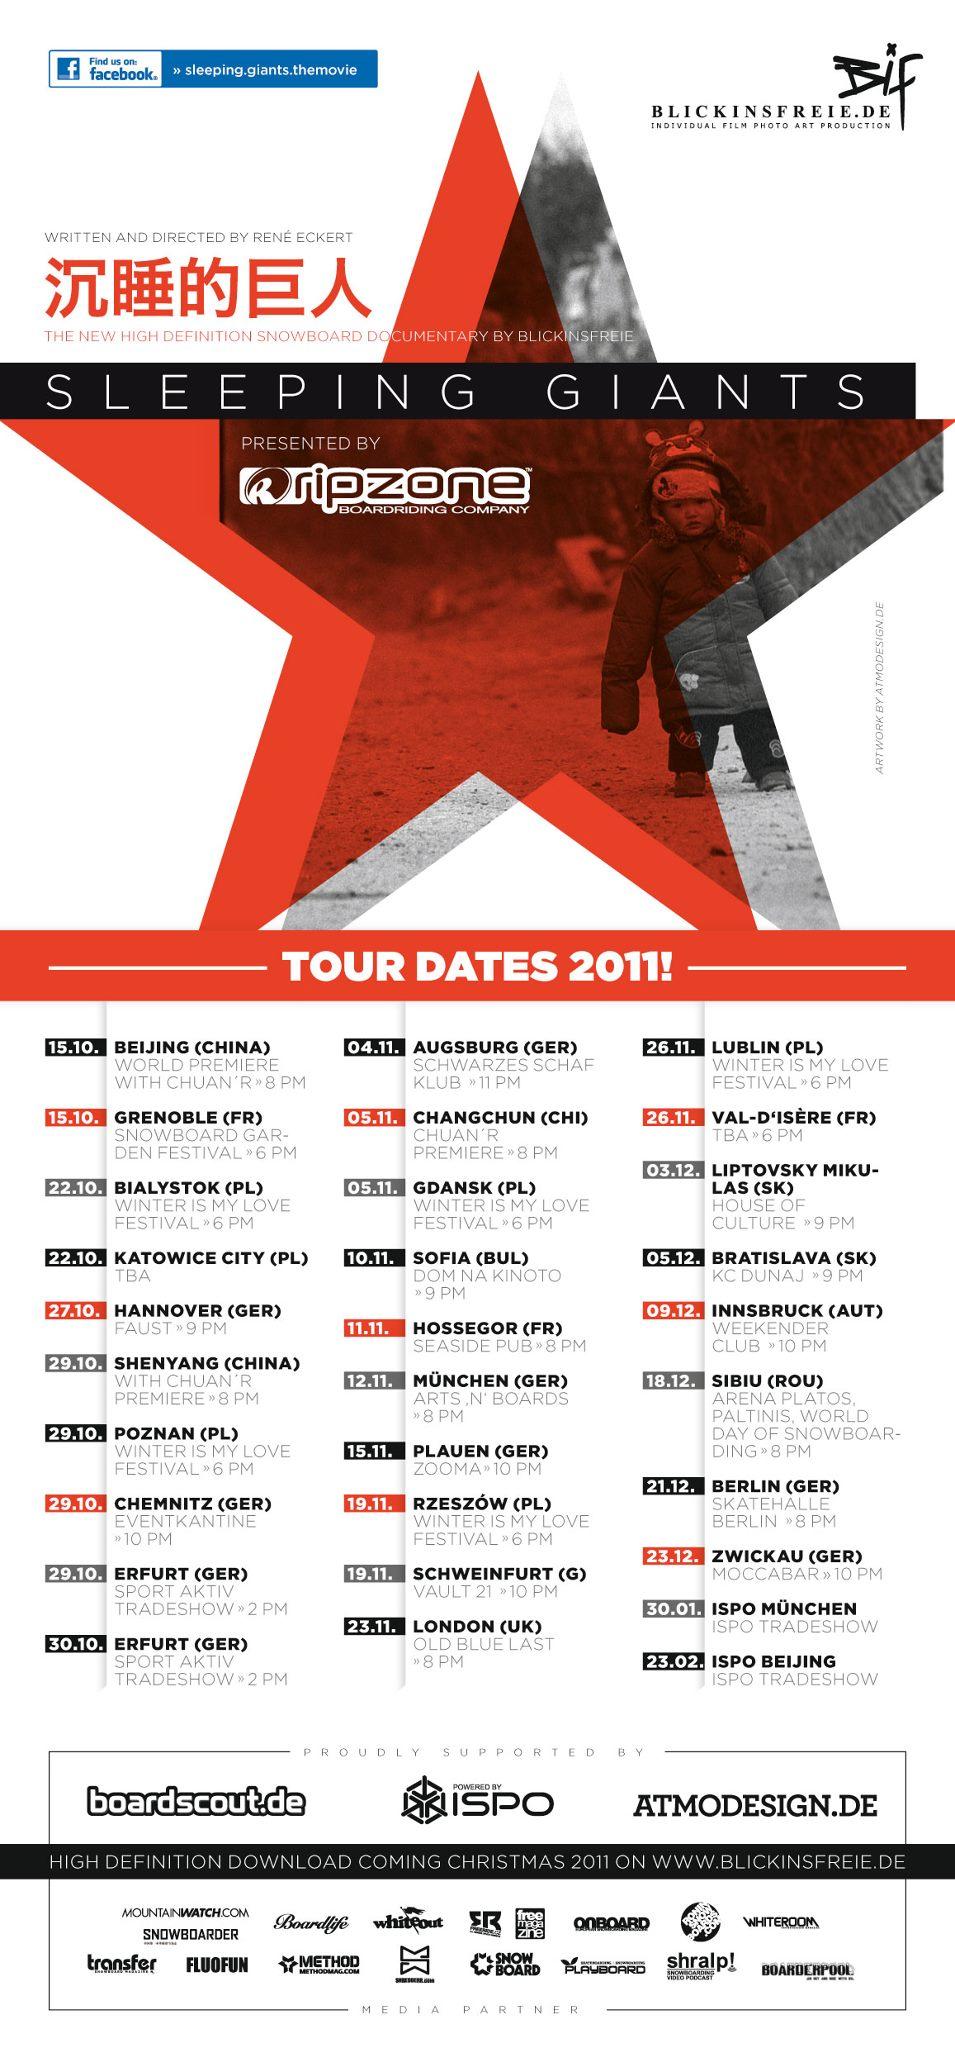 No dia 15 de outubro 2011 iniciou em Beijing (CHN) o tour de estreia mundial de Sleeping Giants, o primeiro filme de snowboard realizado em crowdfunding, ou seja, financiado inteiramente pelos fãs que contribuíram para...